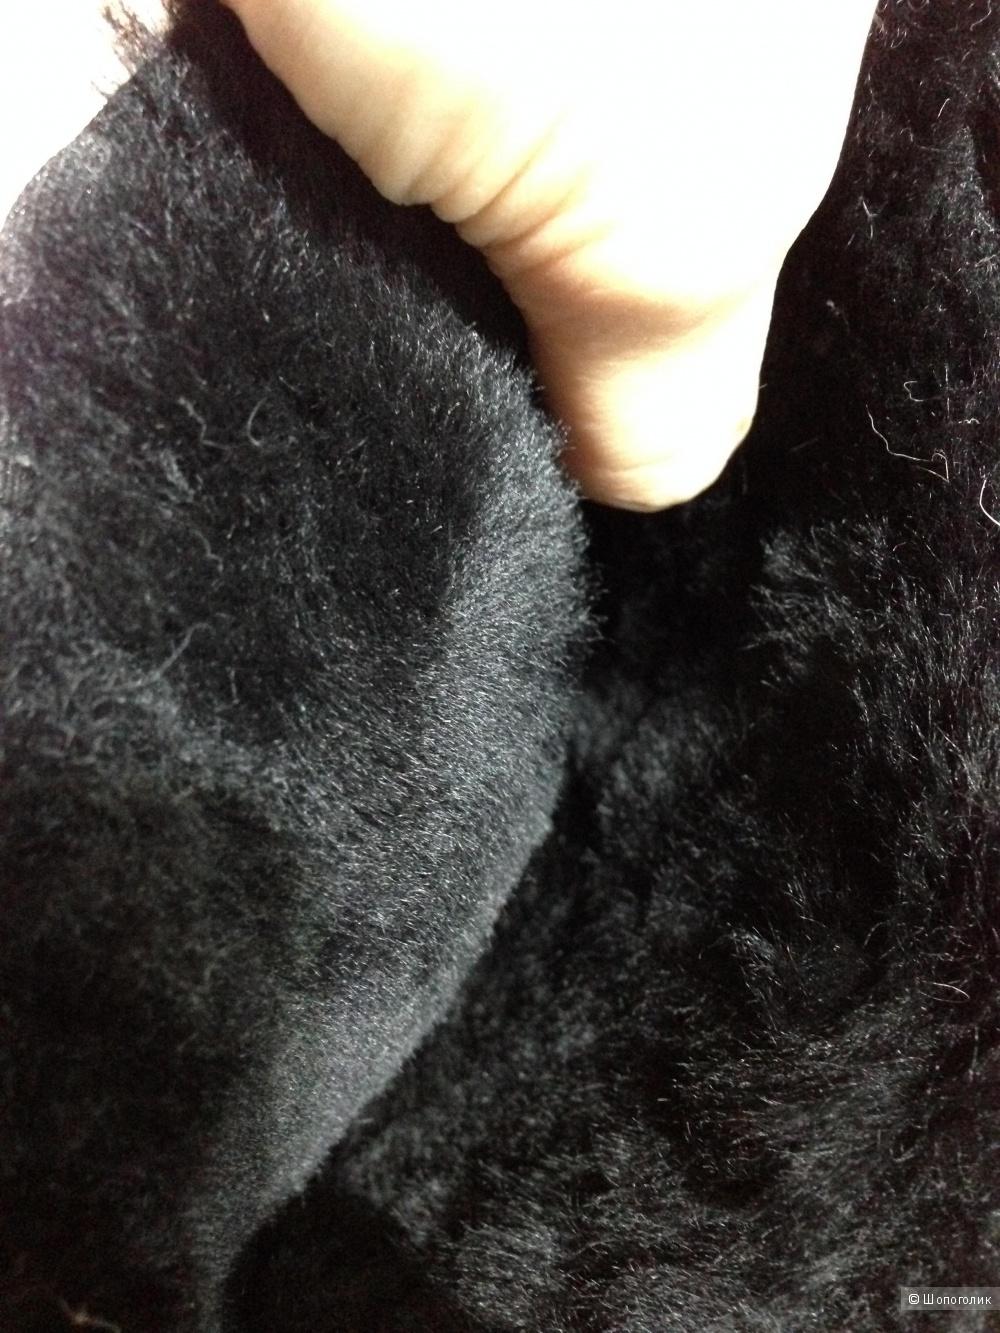 Шикарные натуральные зимние угги от PIERRE CARDIN .Новые.Оригинал.За 3500.